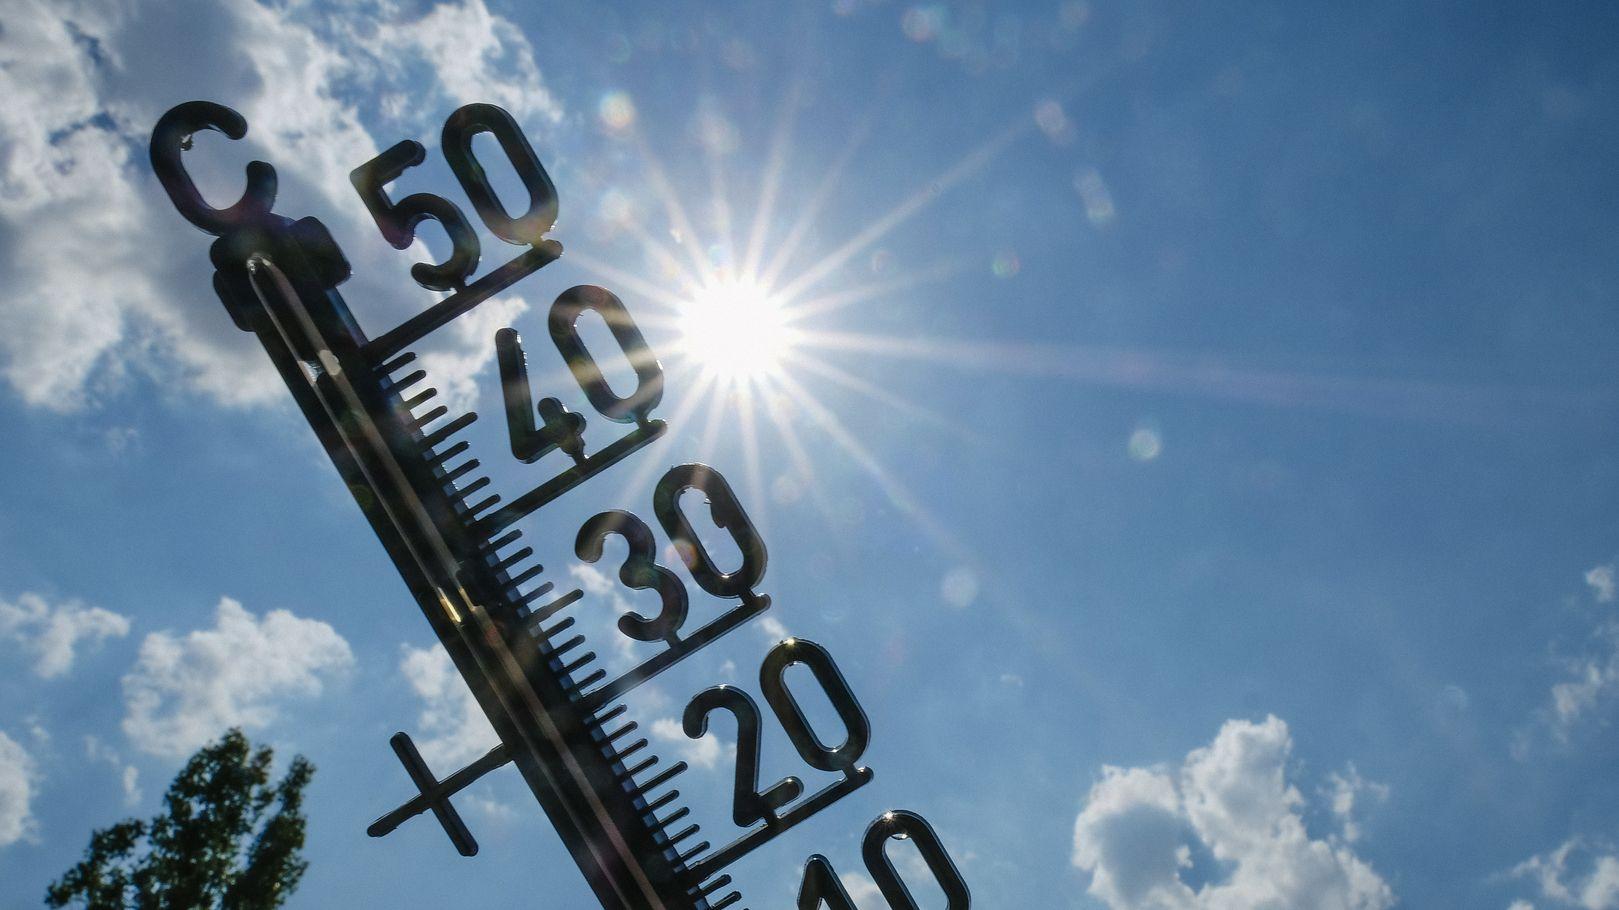 Ein Thermometer steht in der Sonne.